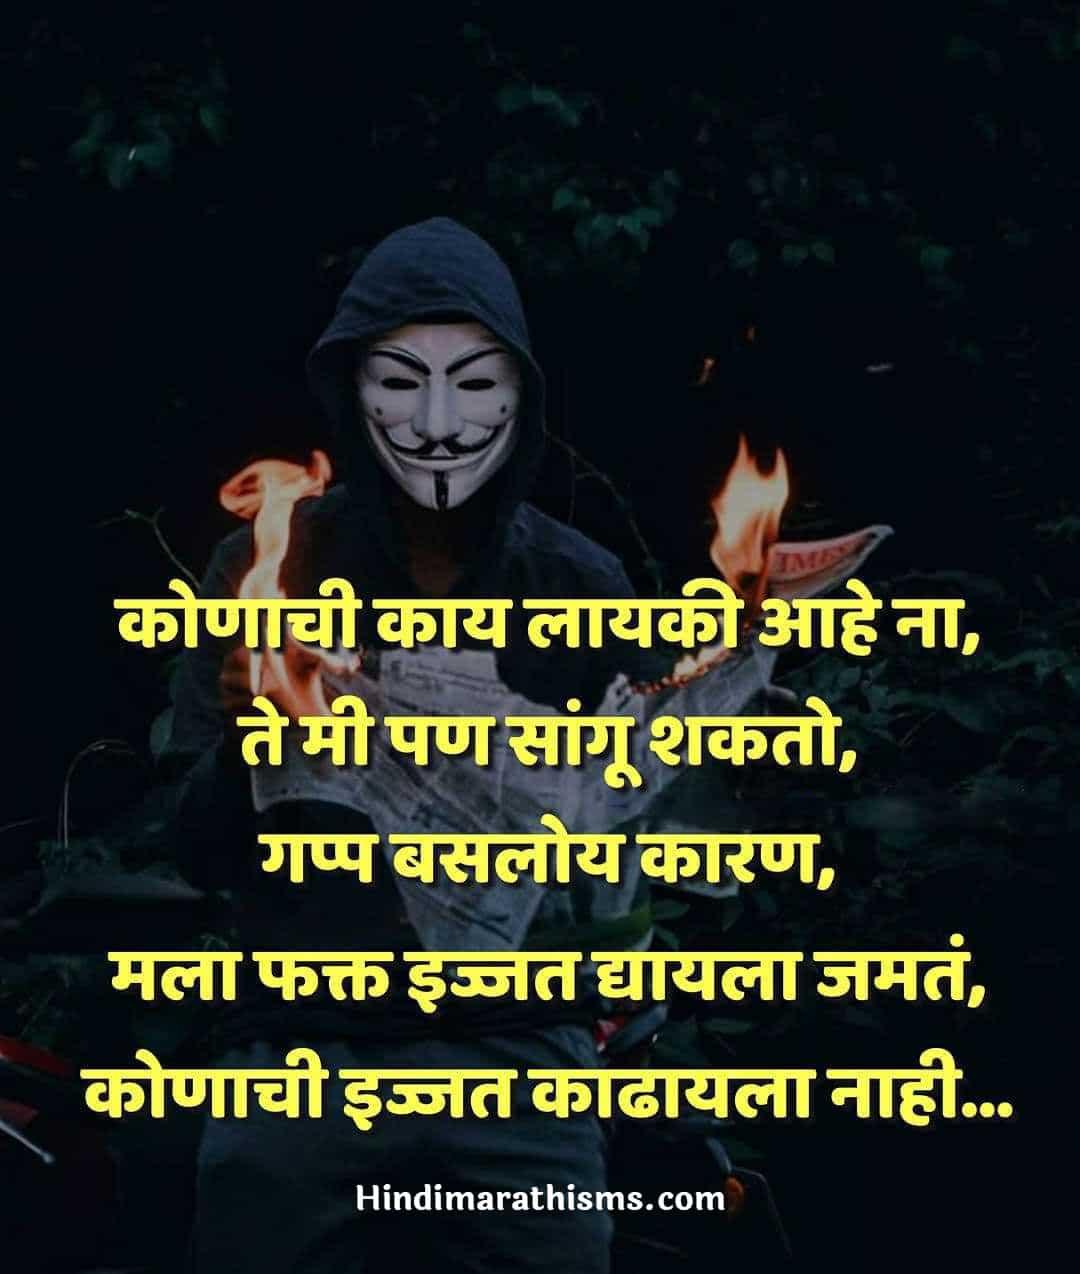 Layki Status Marathi À¤² À¤¯à¤• À¤¸ À¤Ÿ À¤Ÿà¤¸ À¤®à¤° À¤ 500 More Best Hate Sms Marathi Boyfriends can use sad status for their girlfriend and also if they are feeling alone and lonely. layki status marathi ल यक स ट टस